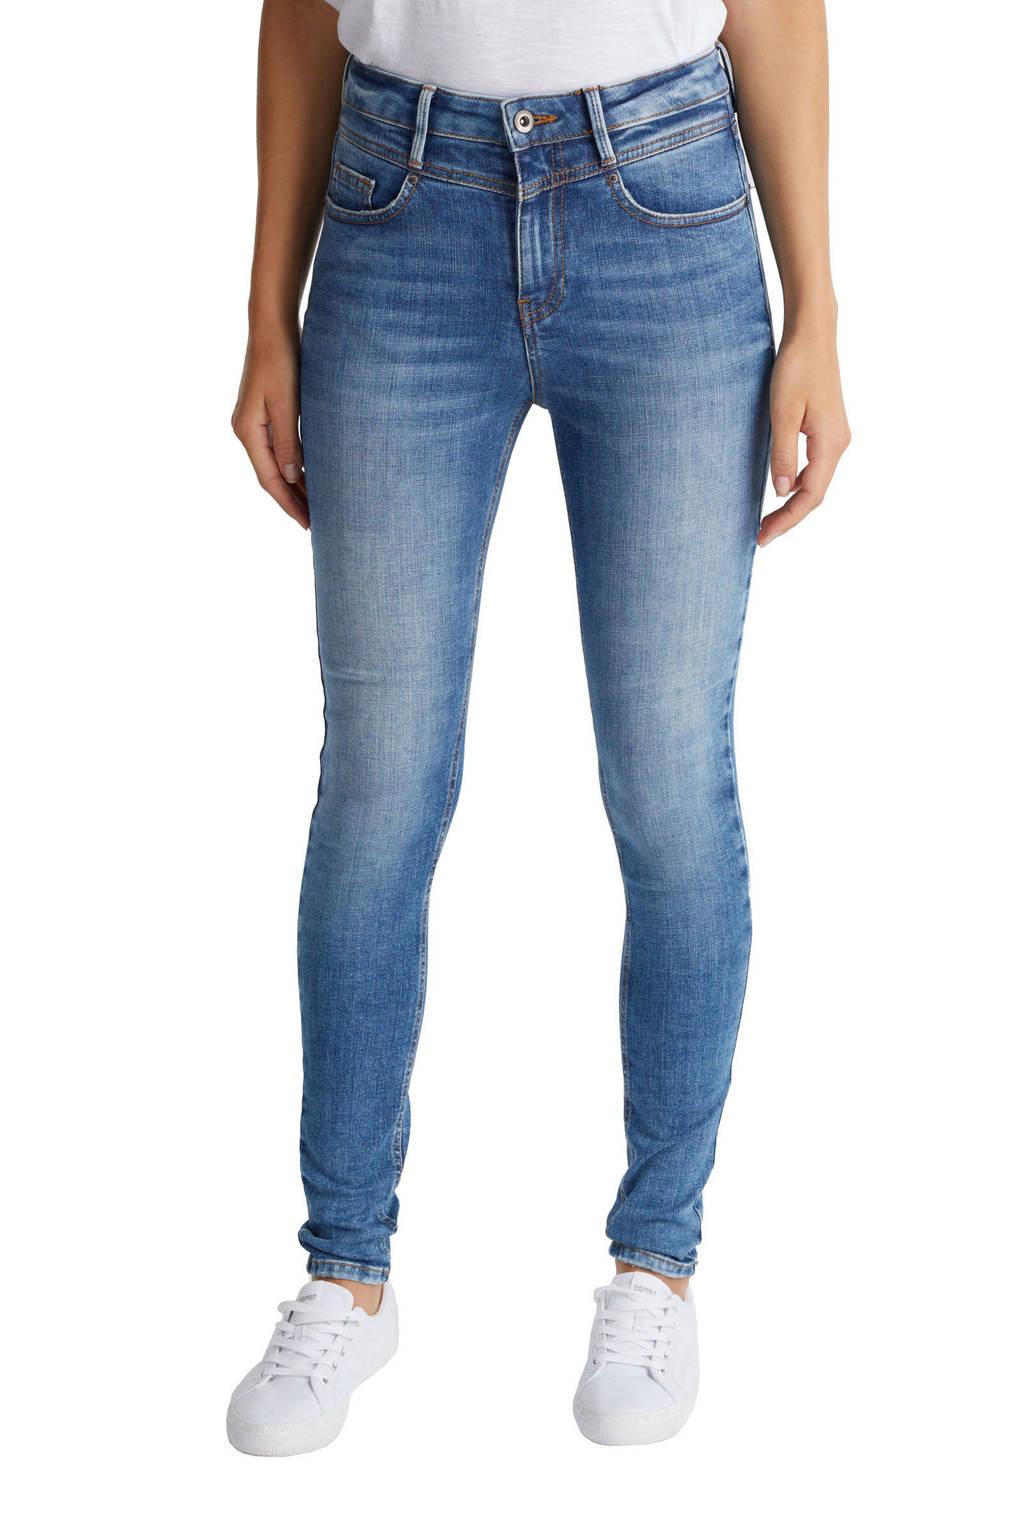 edc Women skinny jeans high waist light denim stonewashed, Light denim stonewashed